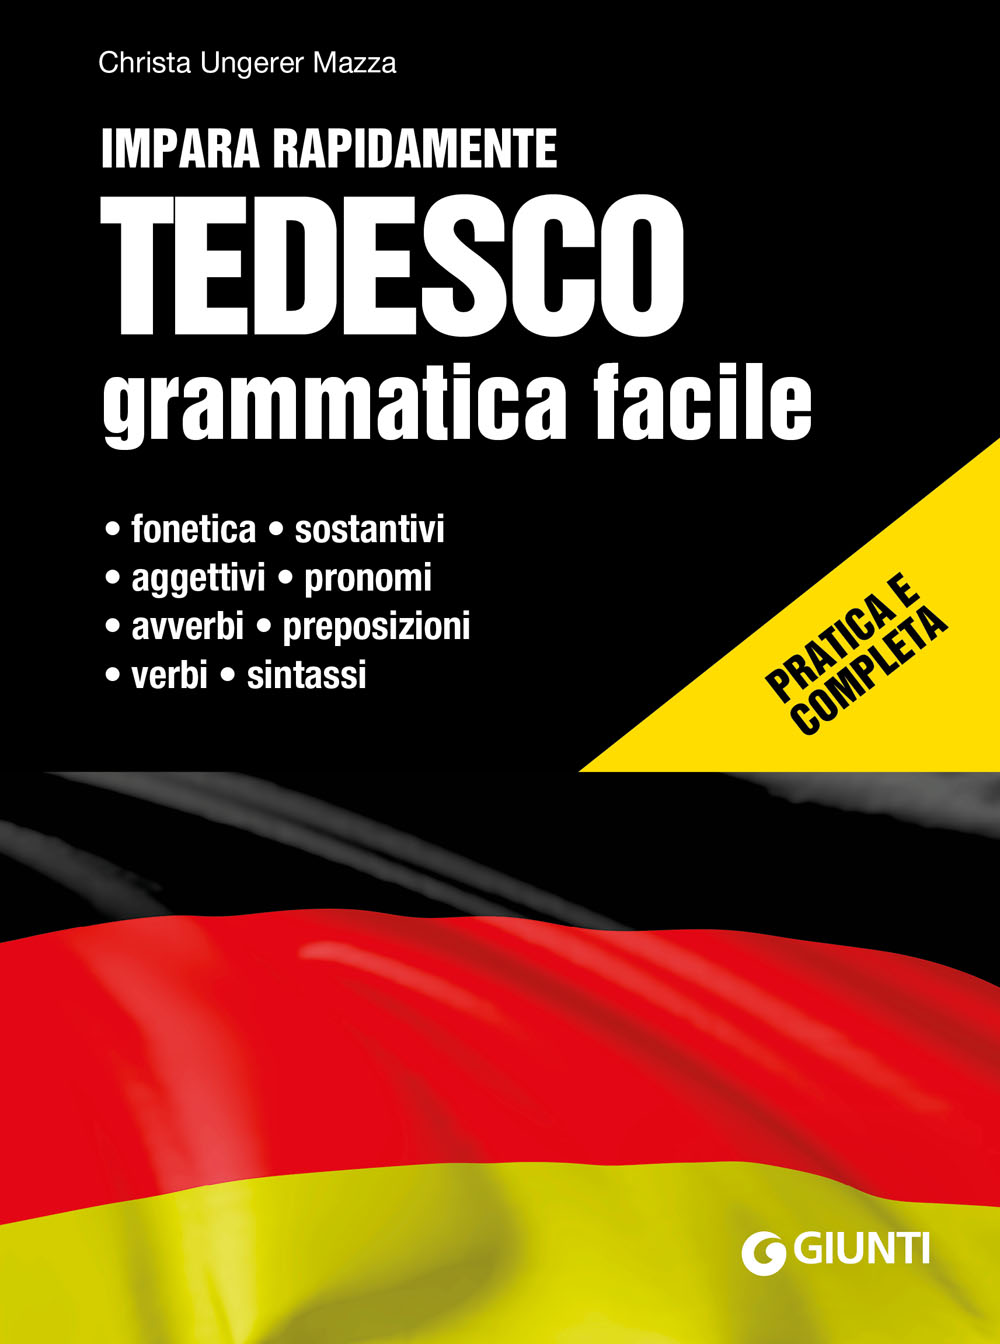 Tedesco. Grammatica facile